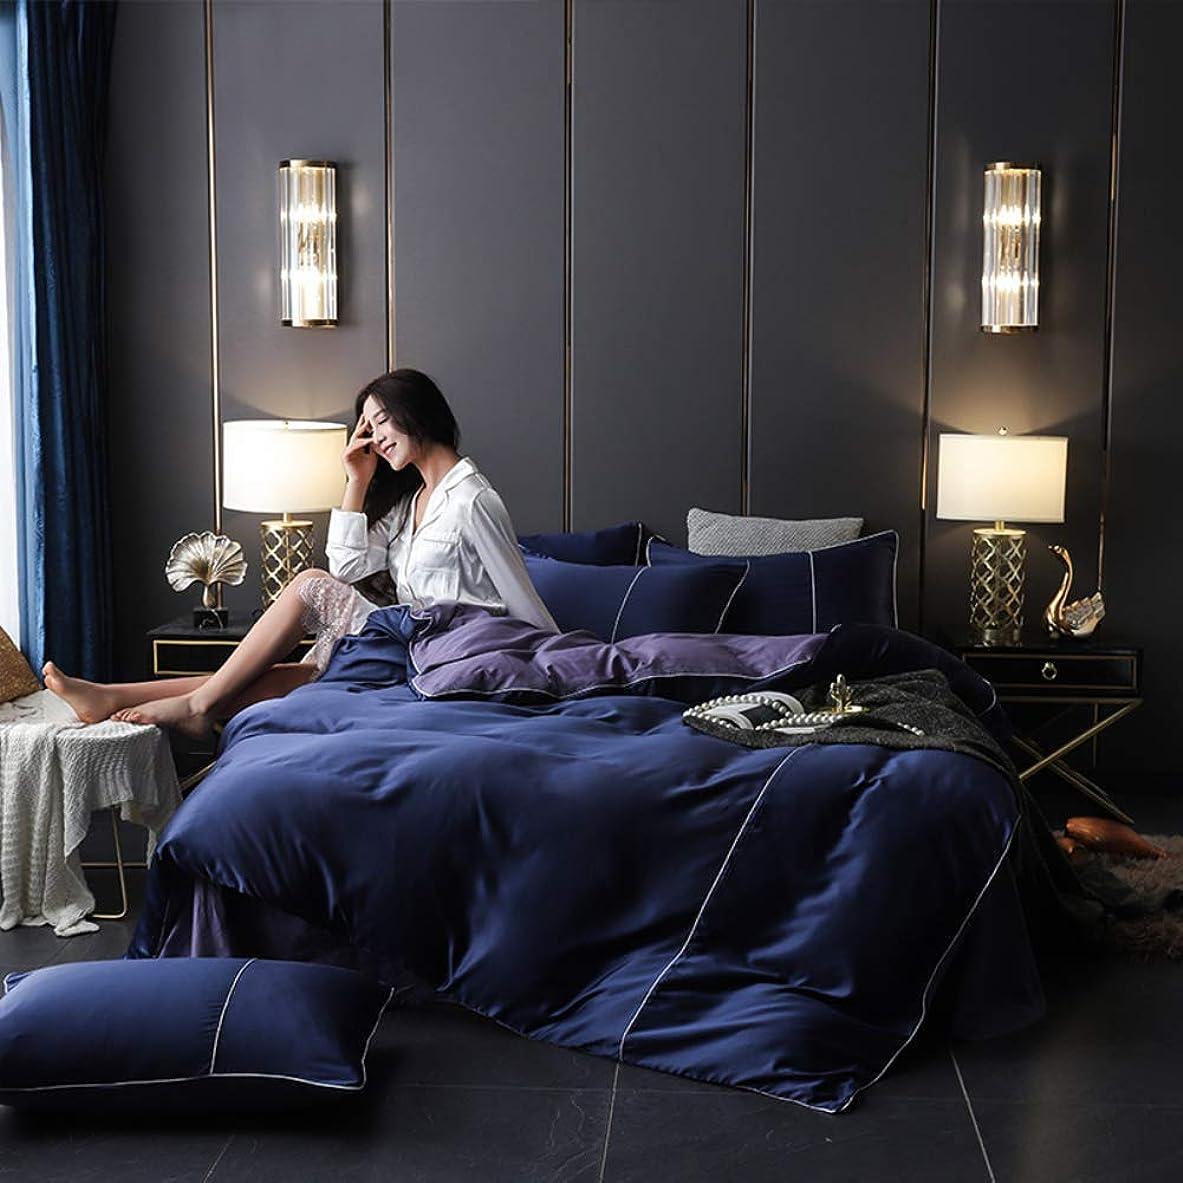 スポーツマンジムプログラムシルク 刺繍 綿サテン 寝具カバーセット, 4 ピース ジャカード ソフト 快適 綿 夏 クールな 肌-フレンドリー 寝具ベッド ファスナー付け-g